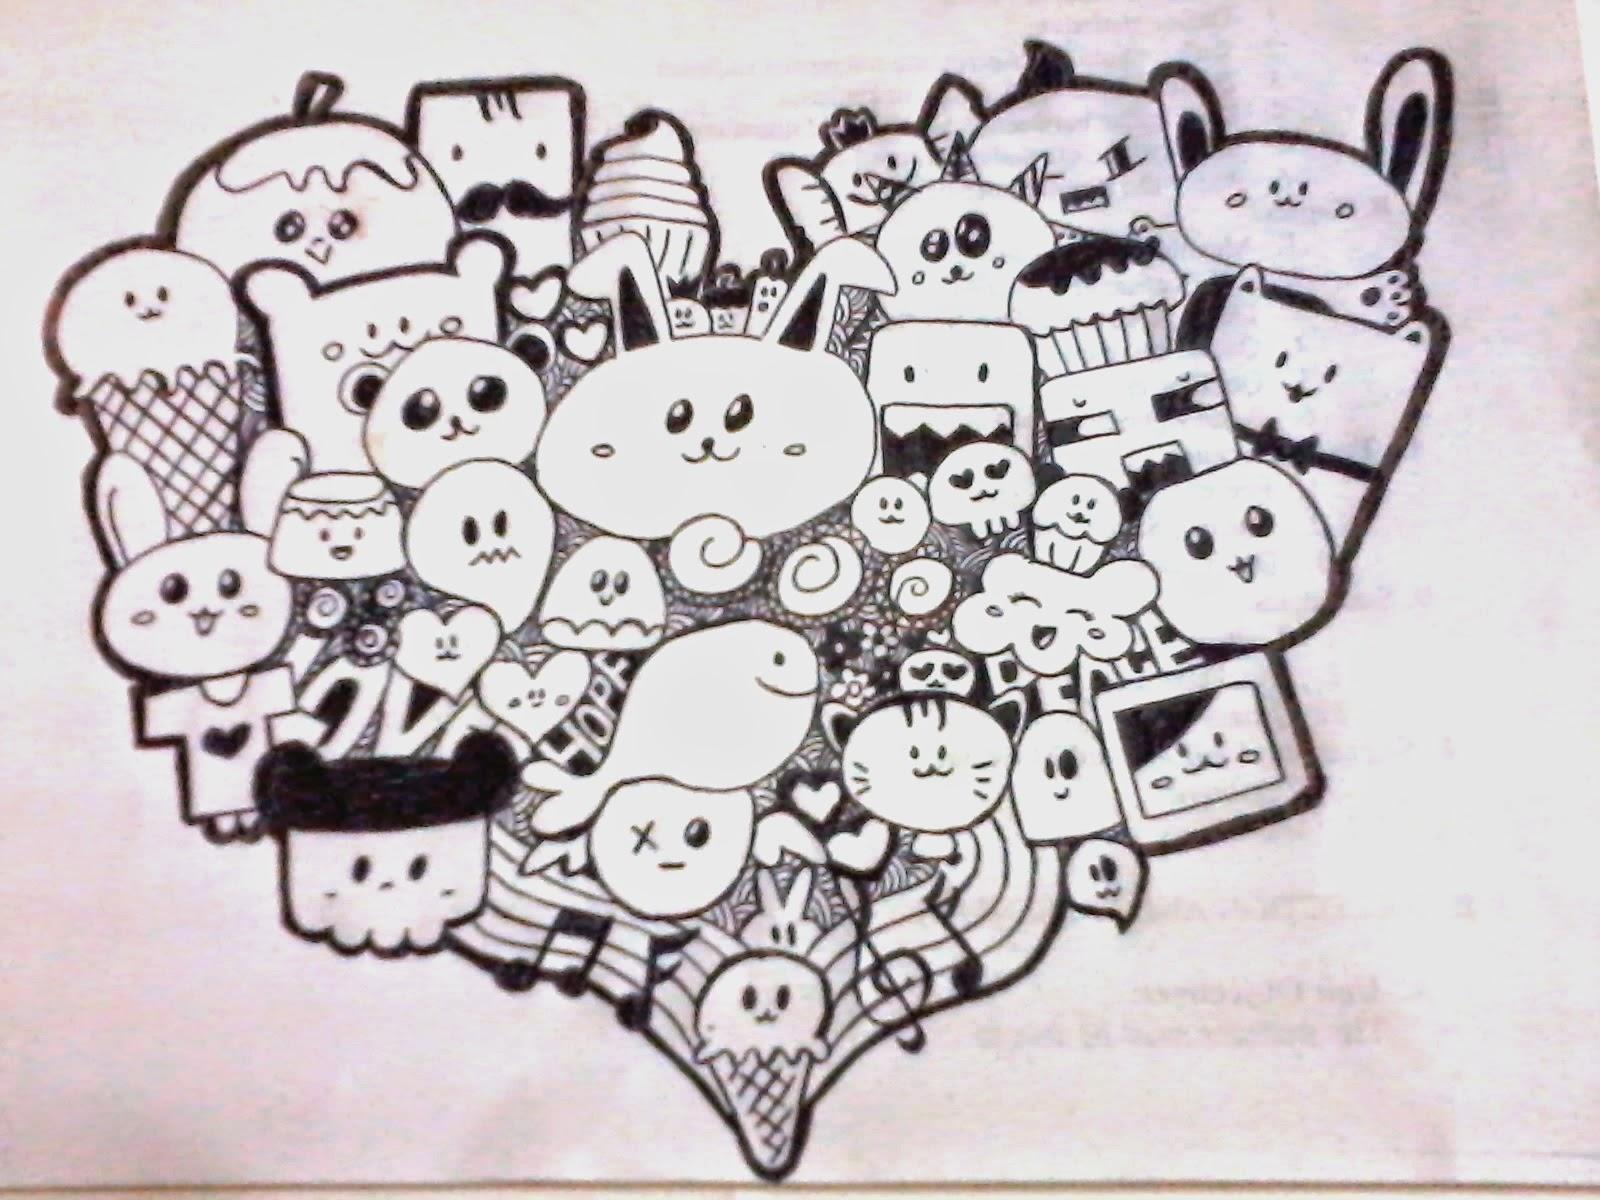 Kumpulan Gambar Sketsa Grafiti Minion